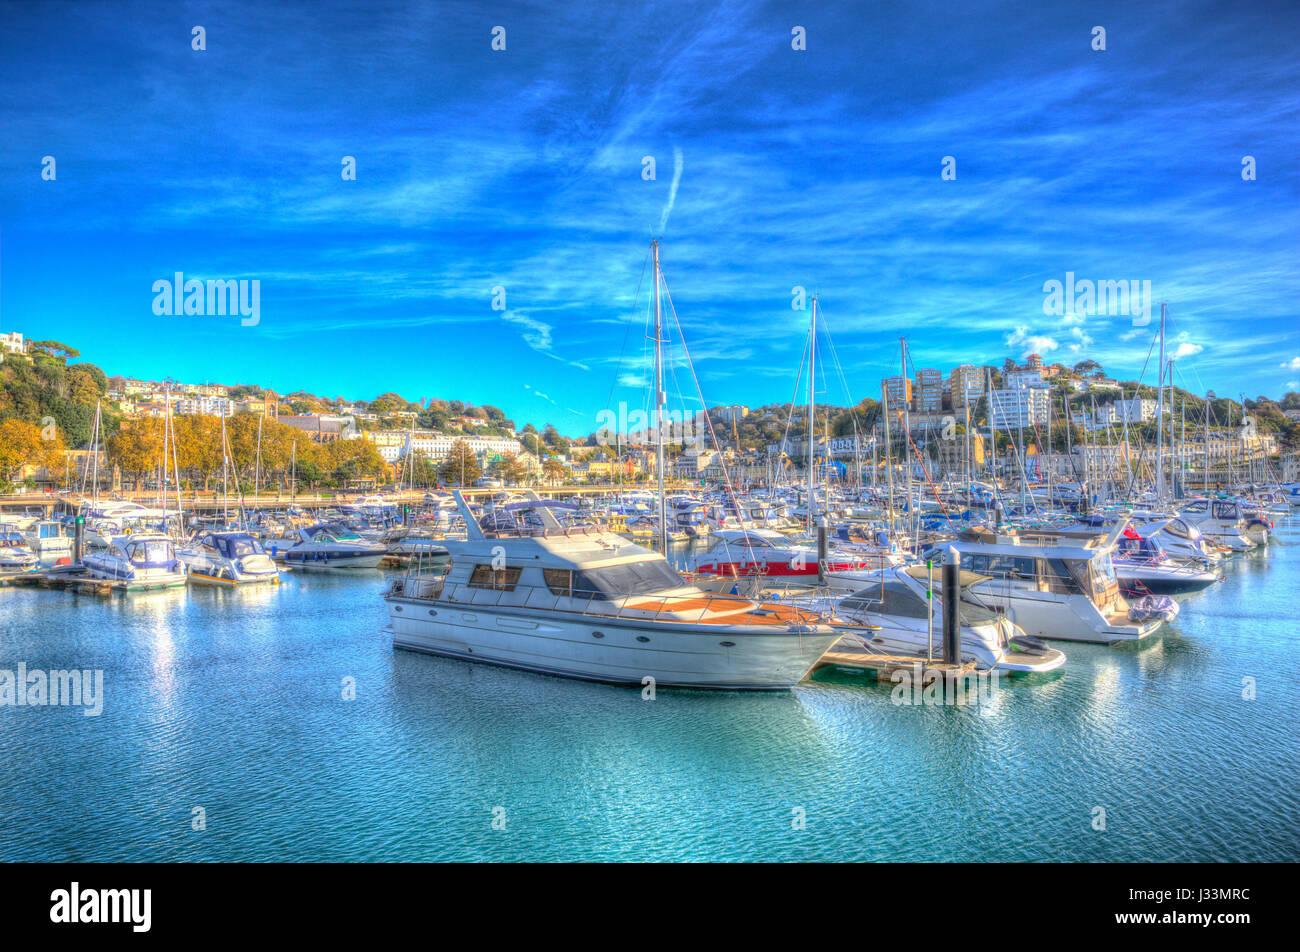 Torquay Devon marina con barcos y yates en el hermoso día en la Riviera Inglesa en coloridos HDR Imagen De Stock